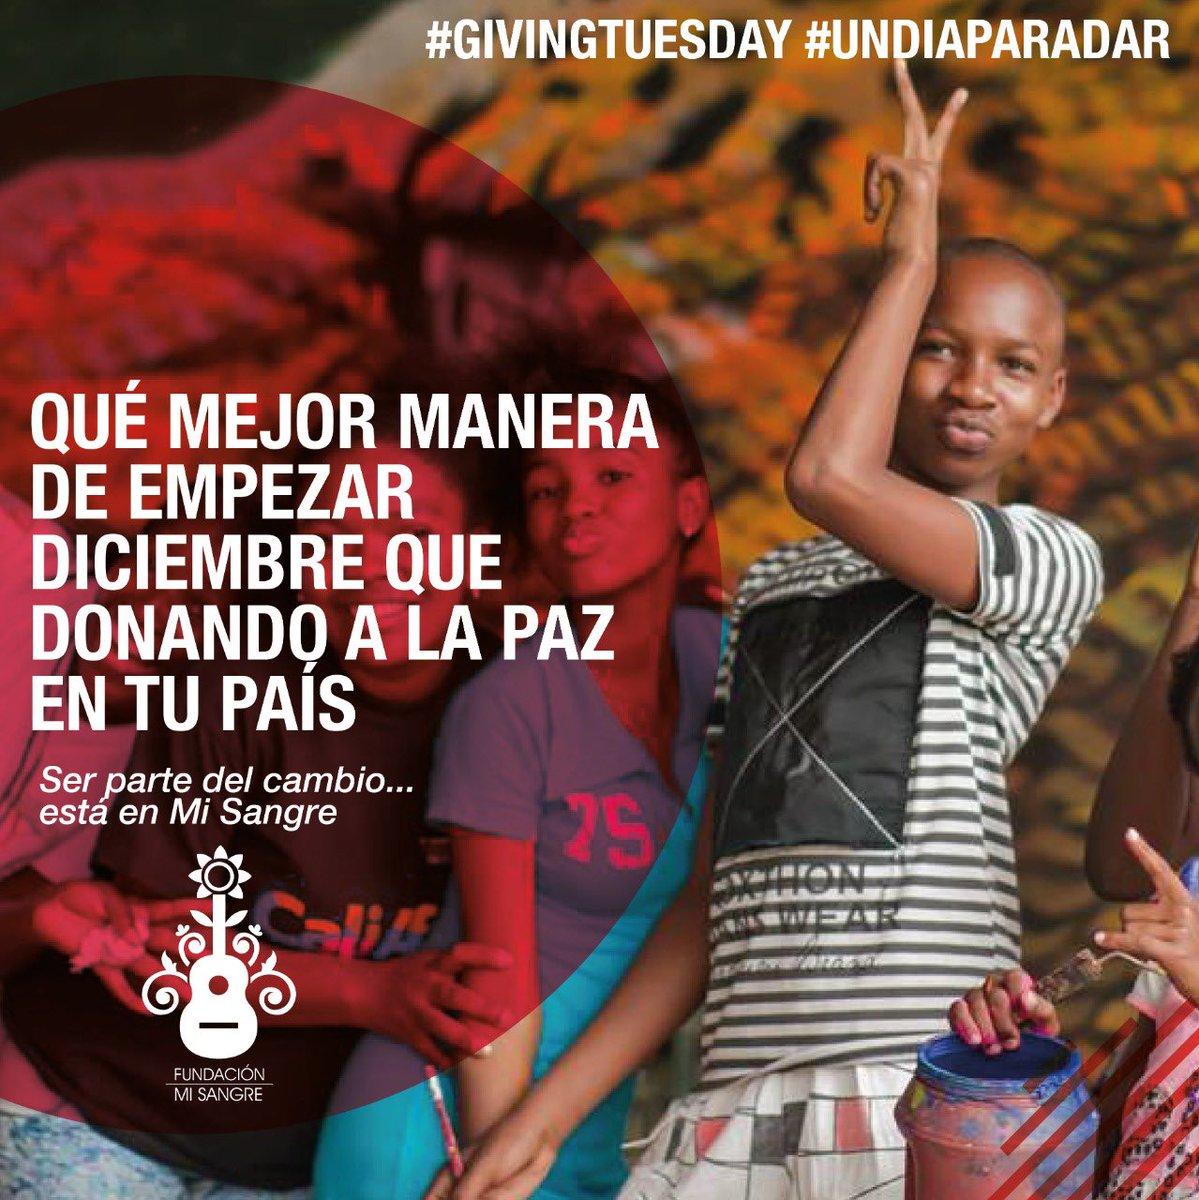 Hoy en #GivingTuesday queremos contar con tu apoyo para seguir empoderando a niños, niñas y jóvenes de Colombia, y formar la próxima generación de constructores de paz. 🙏🏻  Juntos podemos construir un hogar de paz para todos. @fmisangre